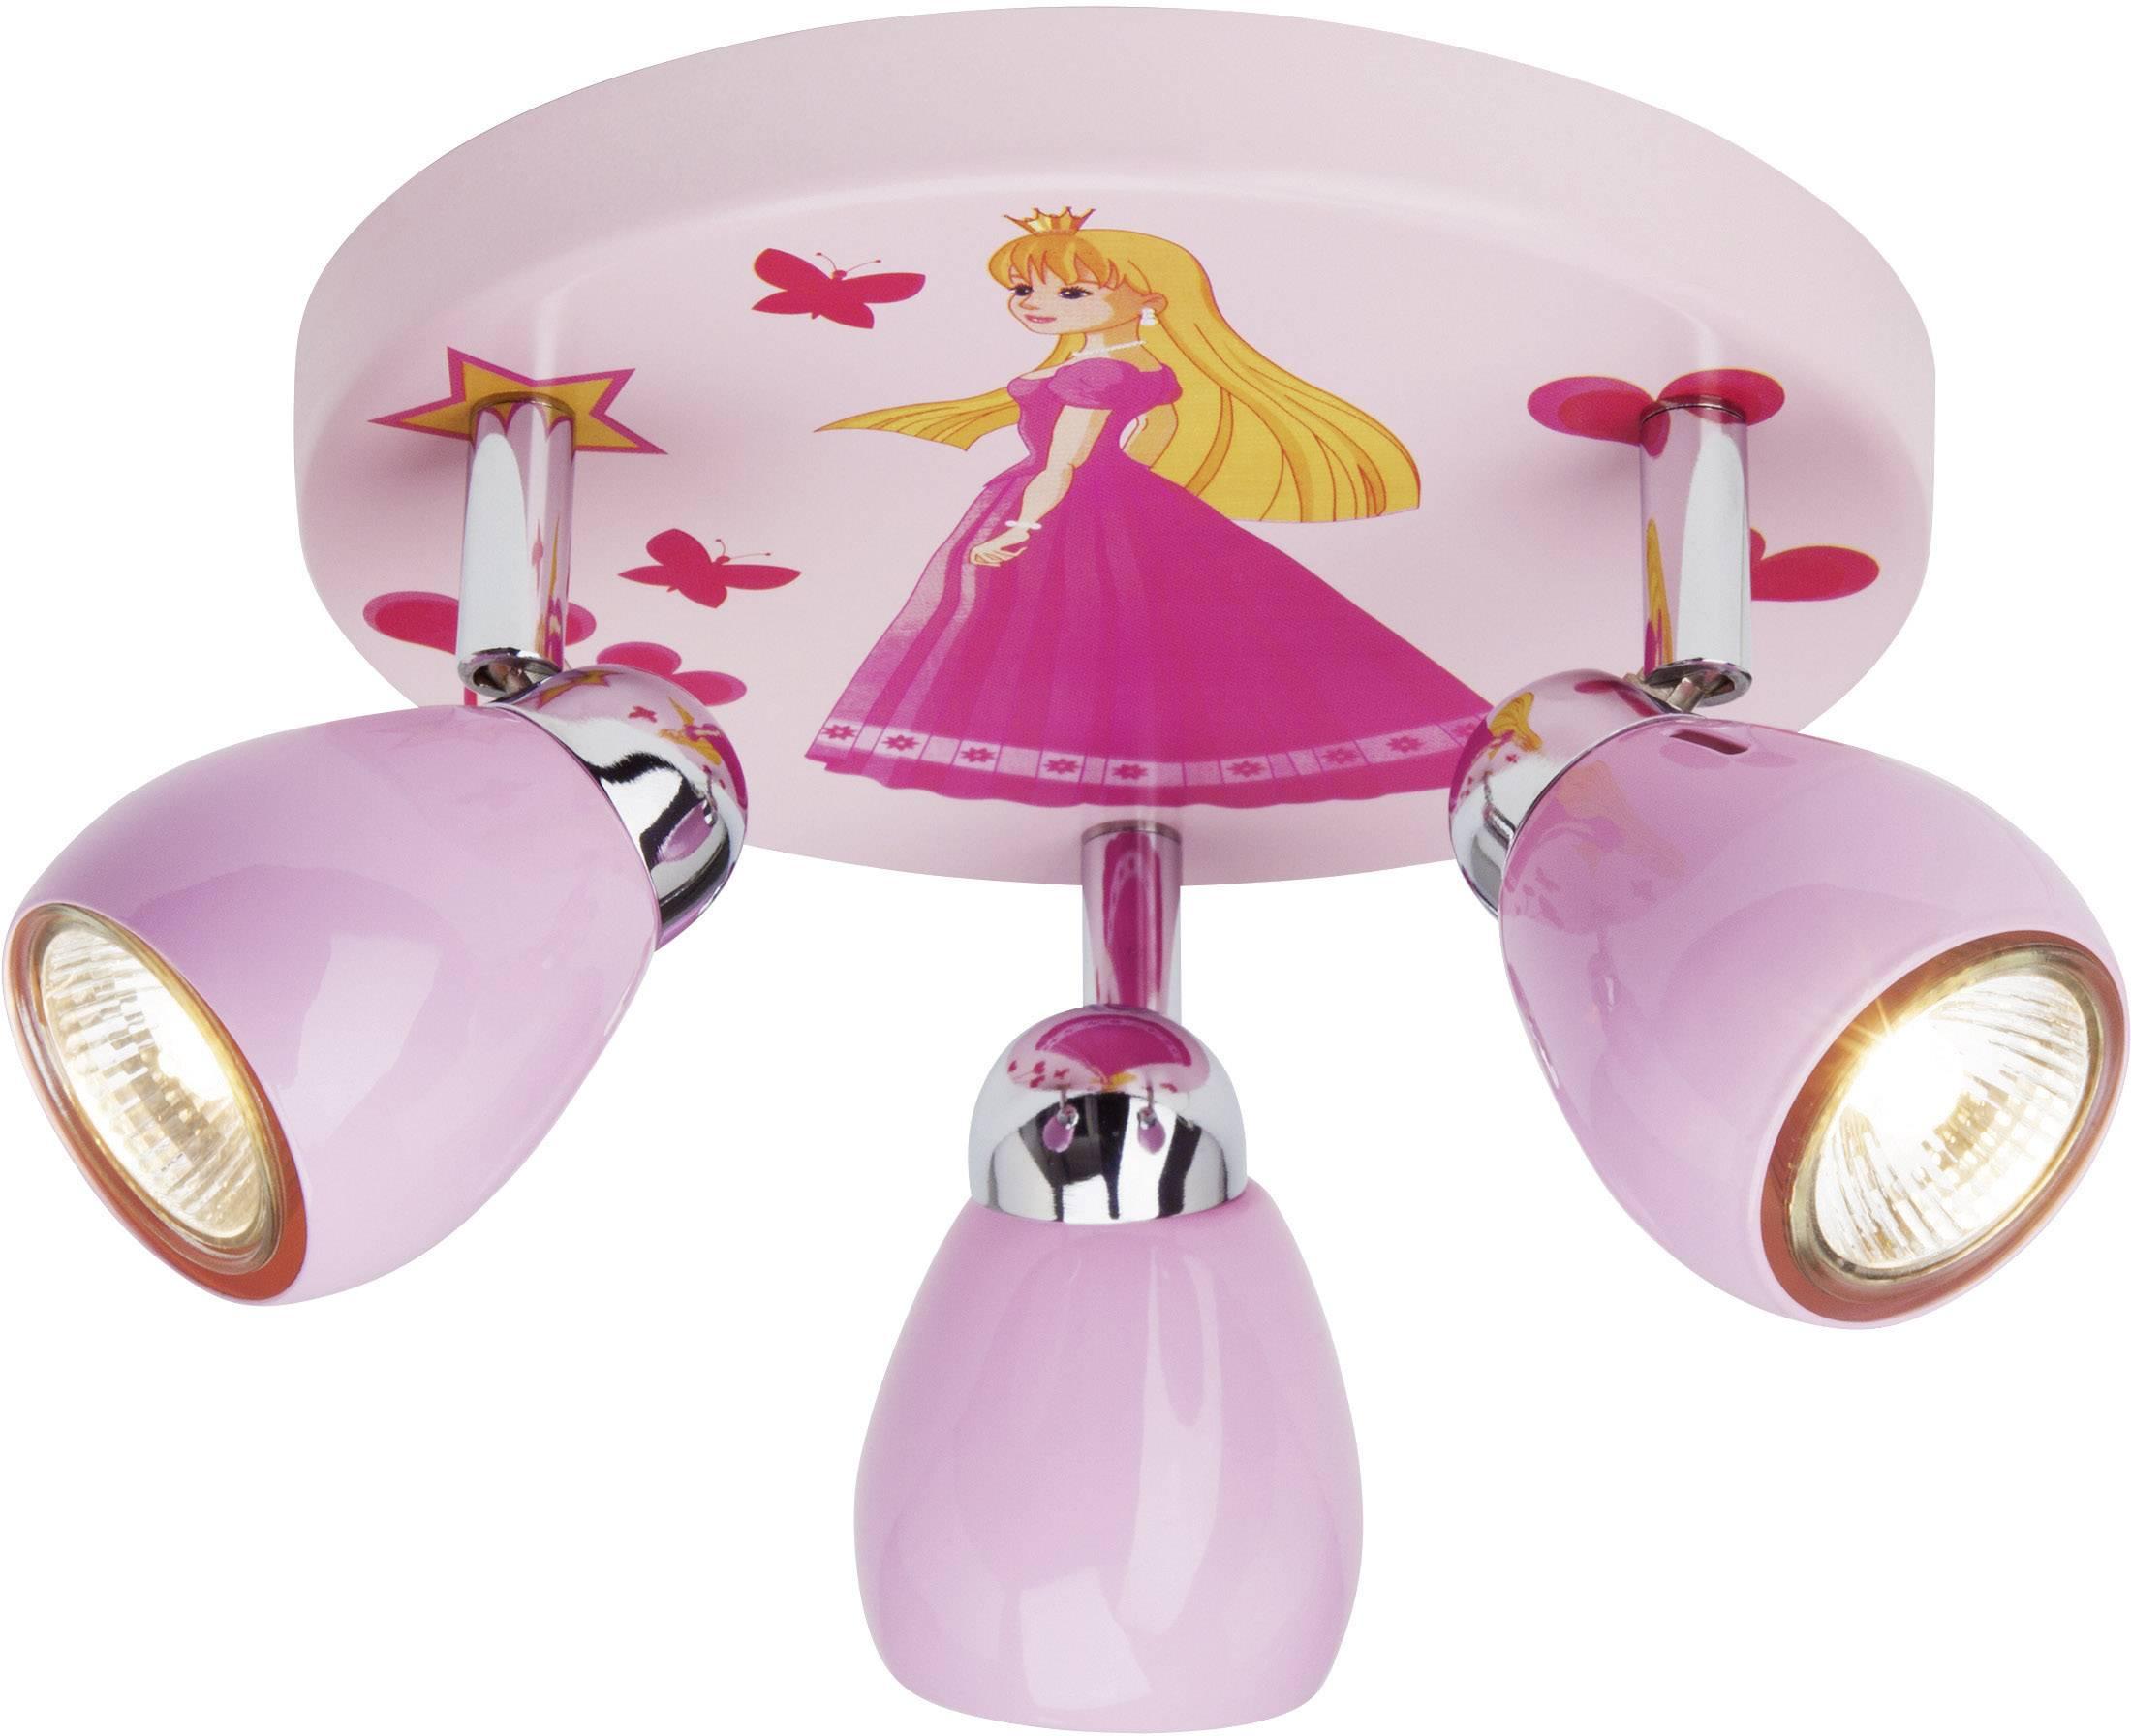 Stropní svítidlo Brilliant Princeza G55934/17, GU10, 50 W, halogenová žárovka, růžová